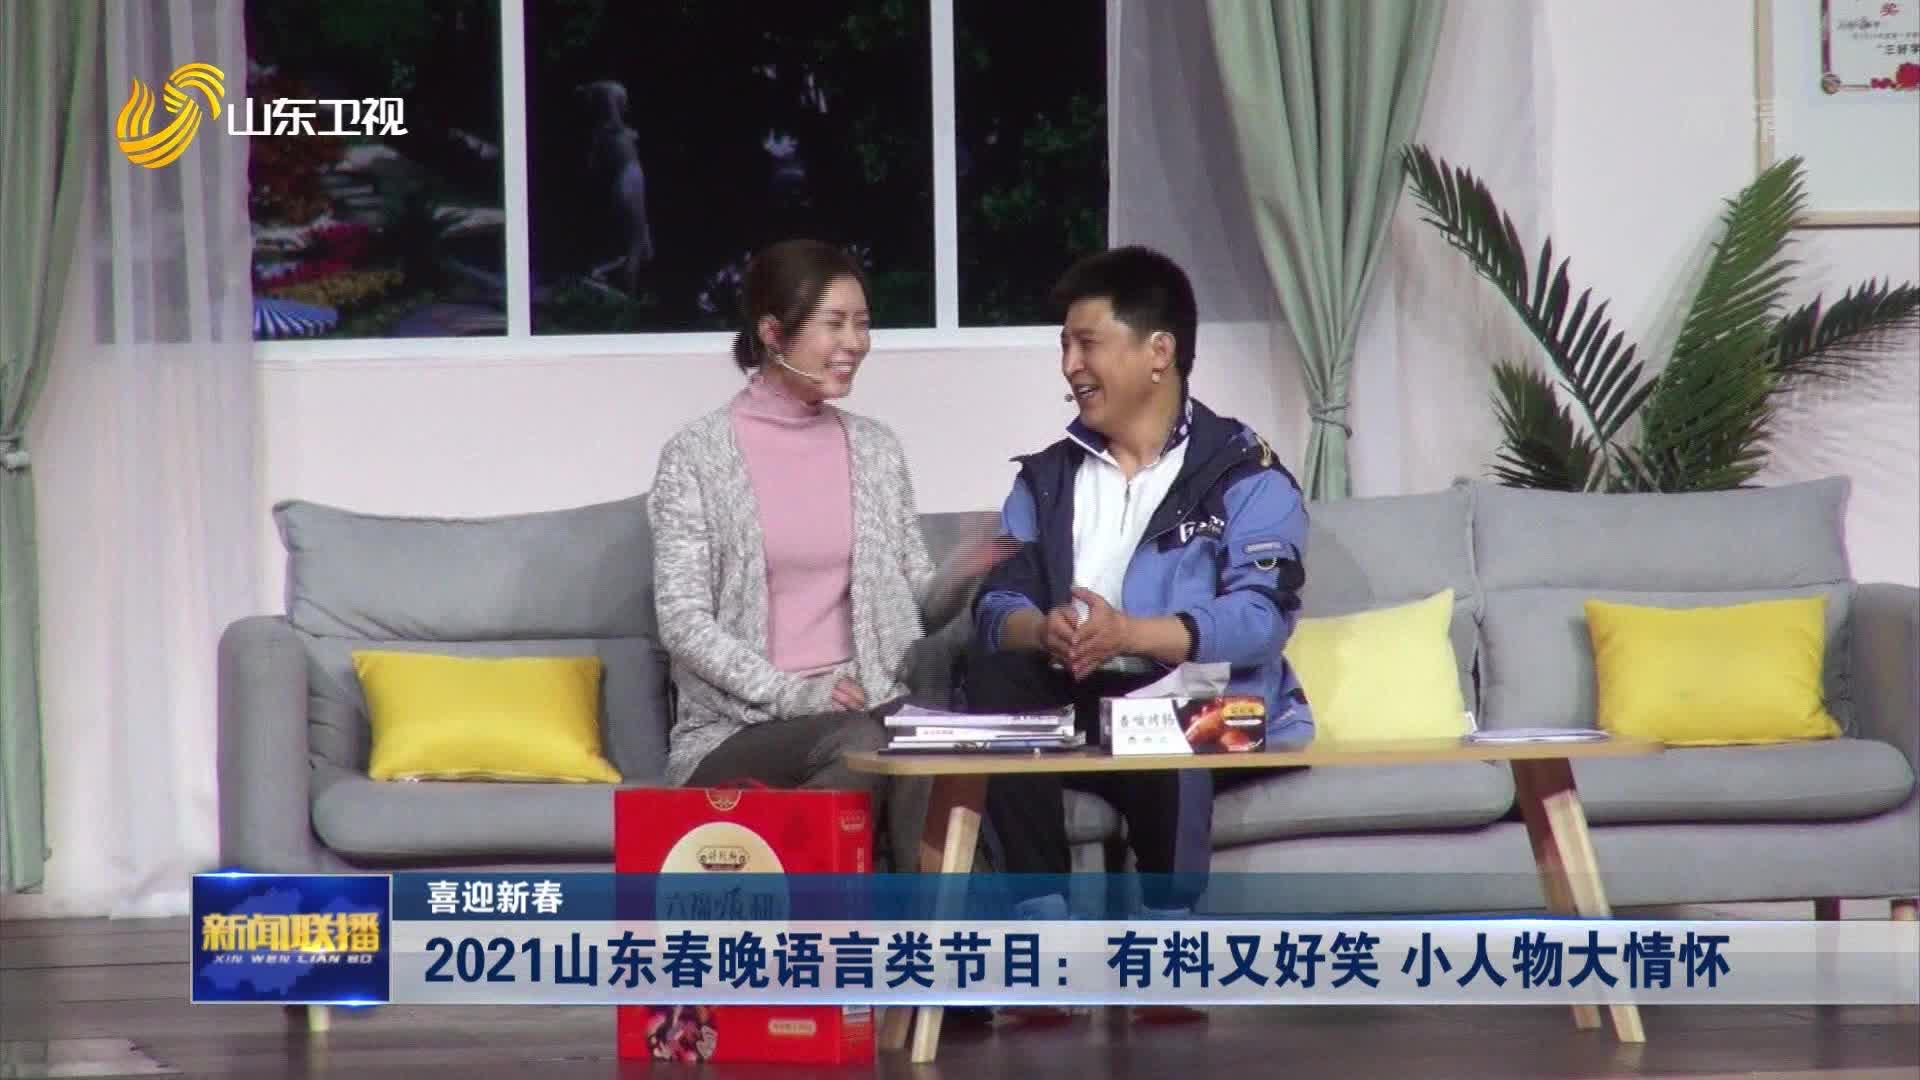 【喜迎新春】2021山东春晚语言类节目:有料又好笑 小人物大情怀